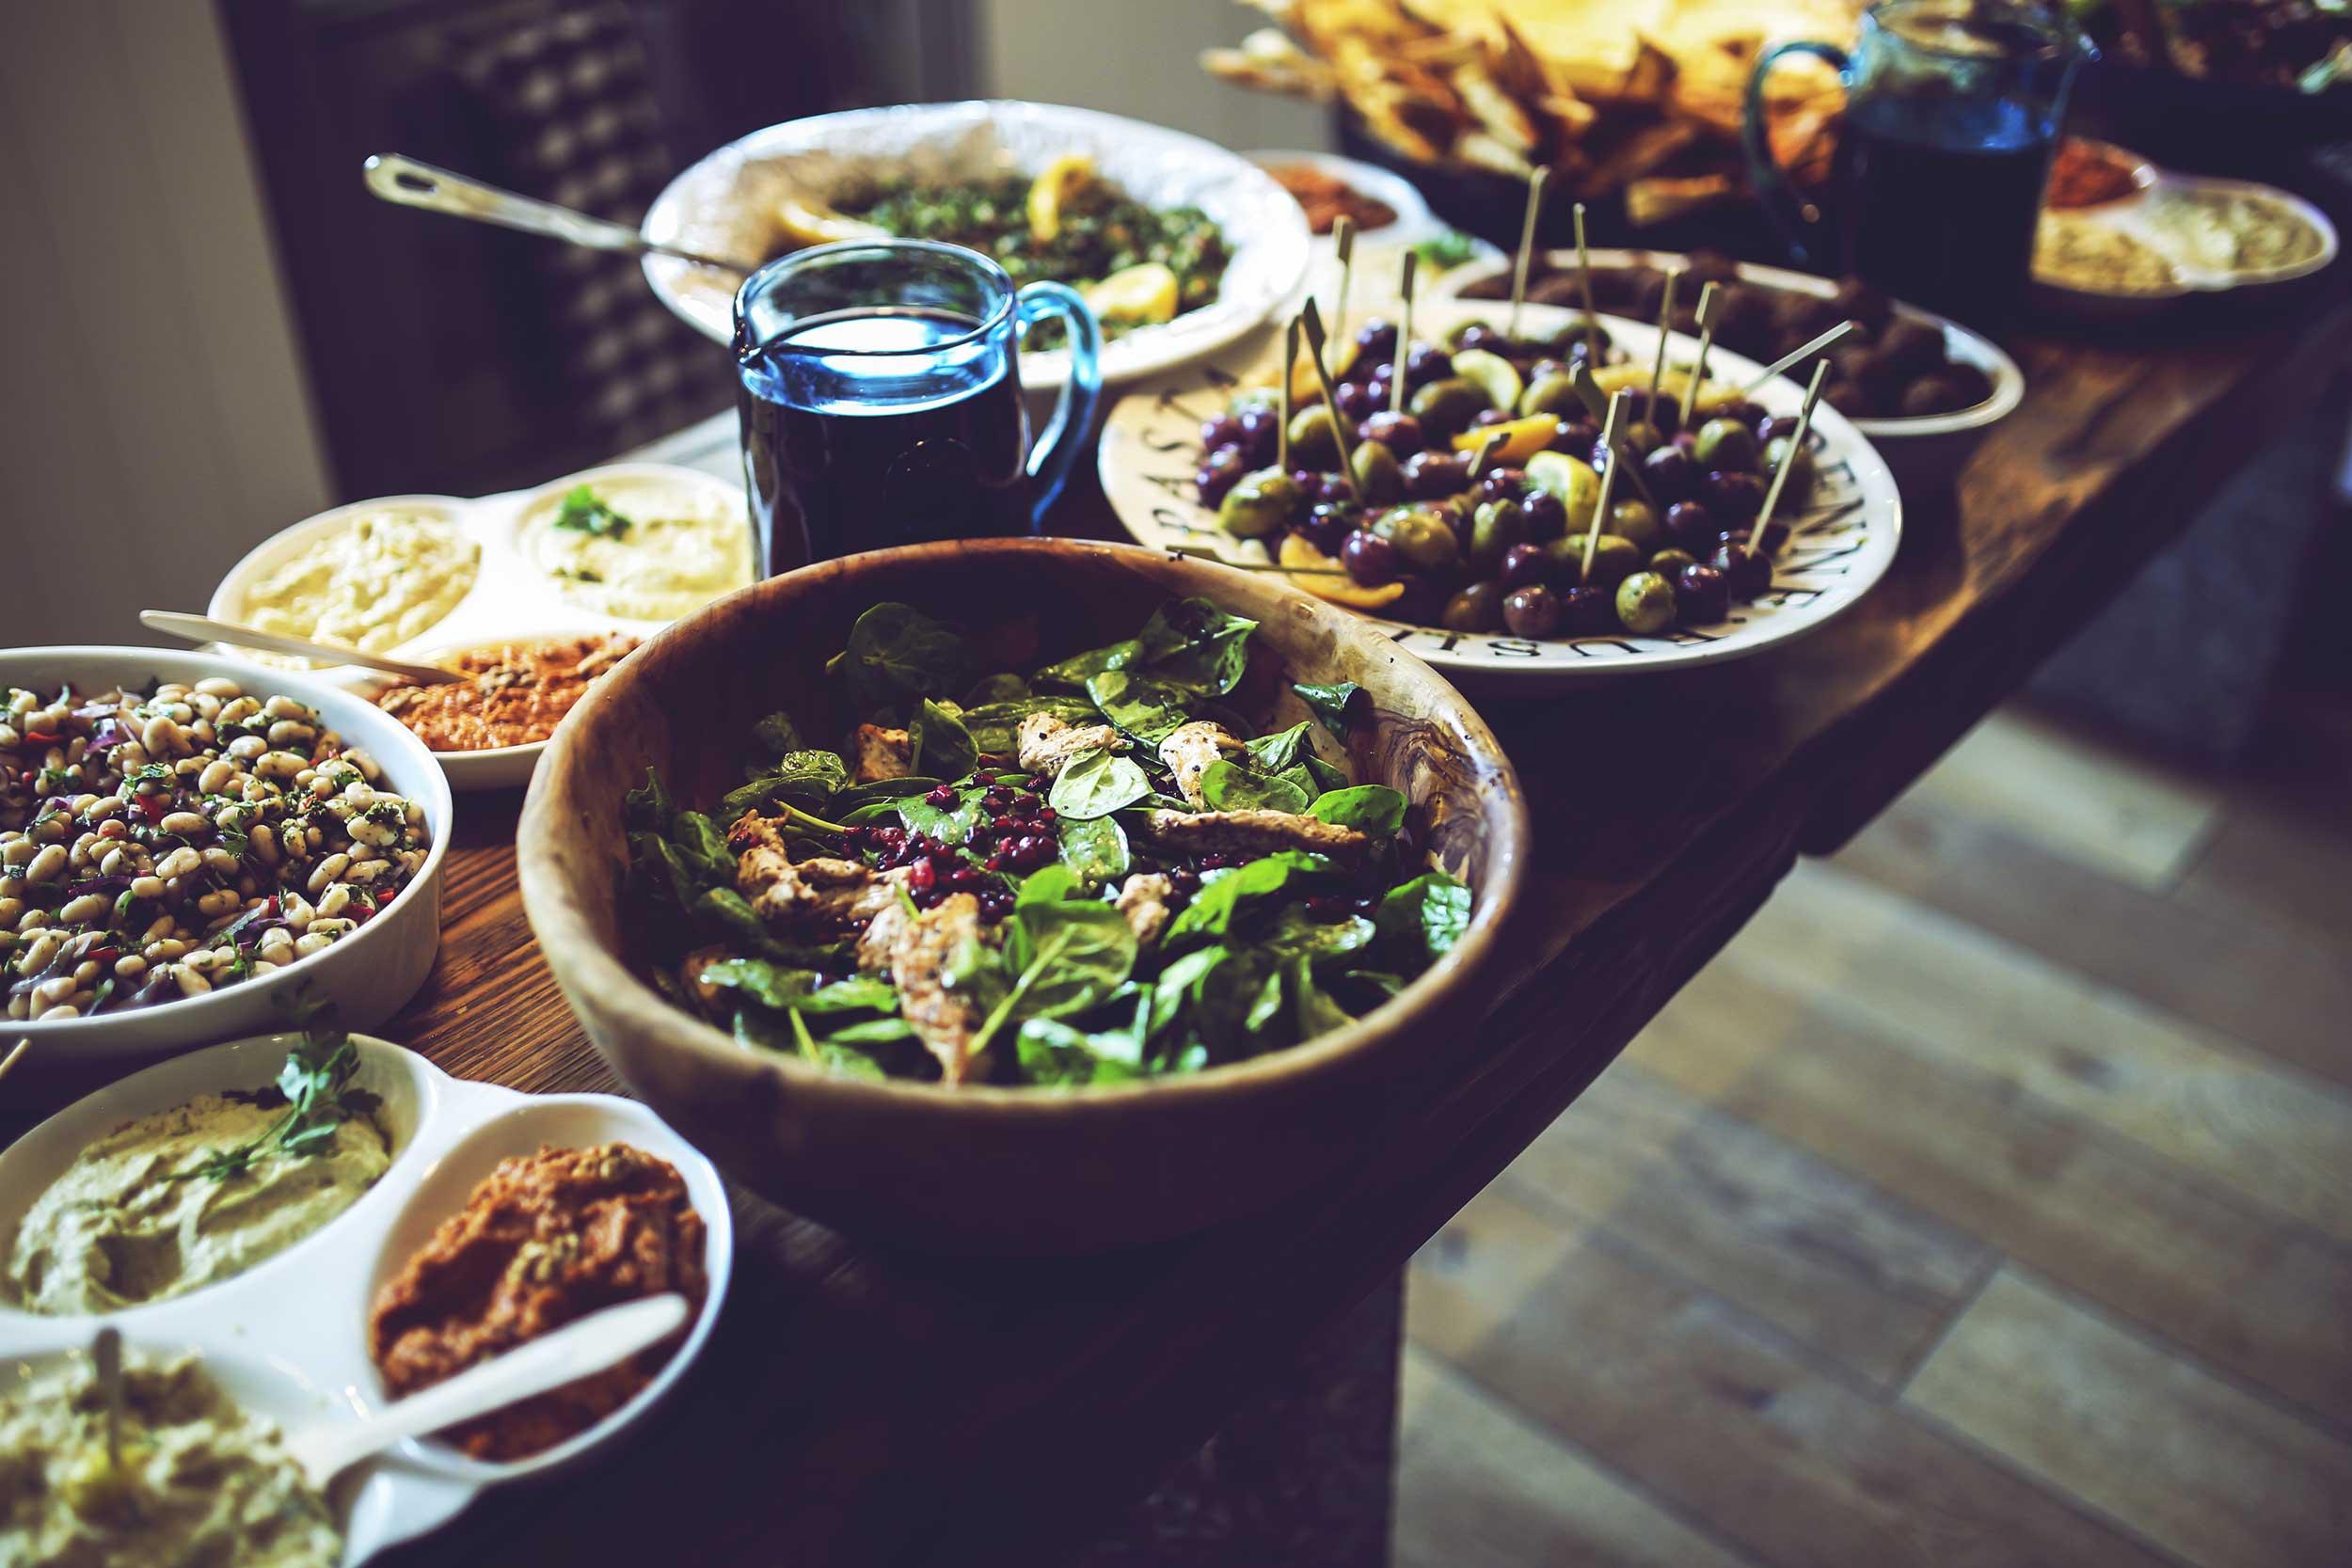 Manger des aliments riches en oméga 3